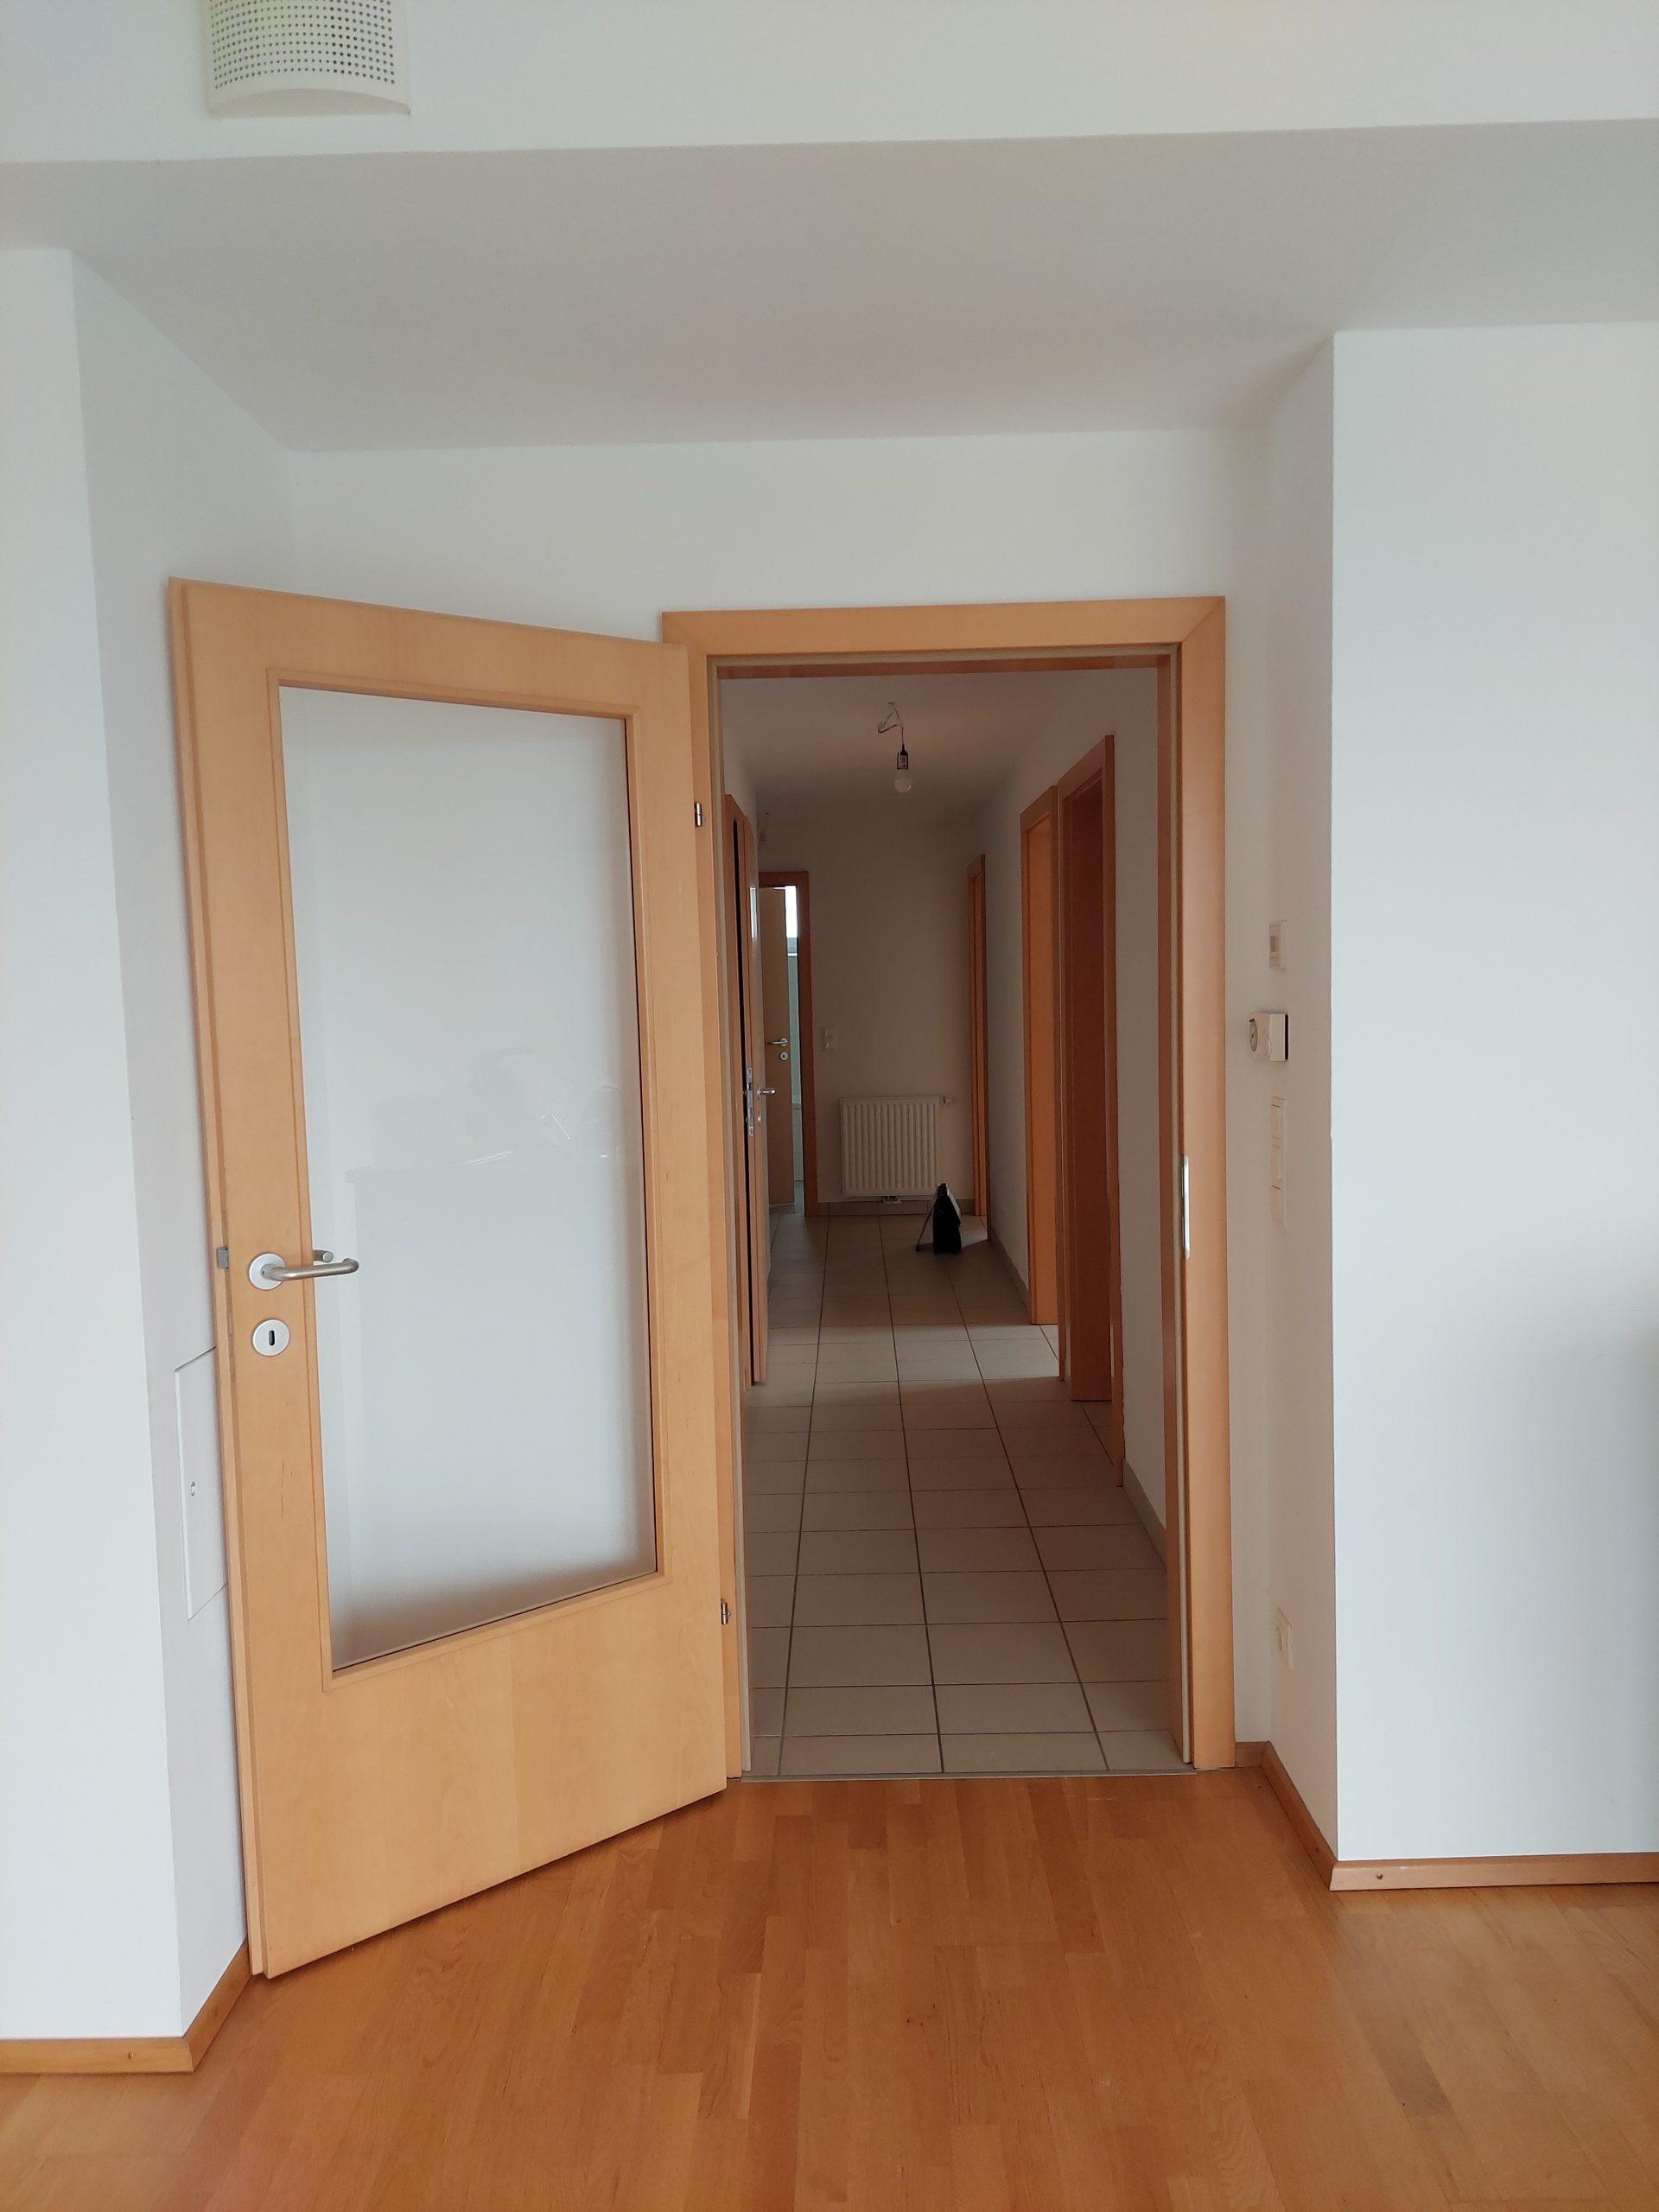 Immobilie von Kamptal in 3632 Bad Traunstein, Zwettl, Bad Traunstein I - Top 9 #2